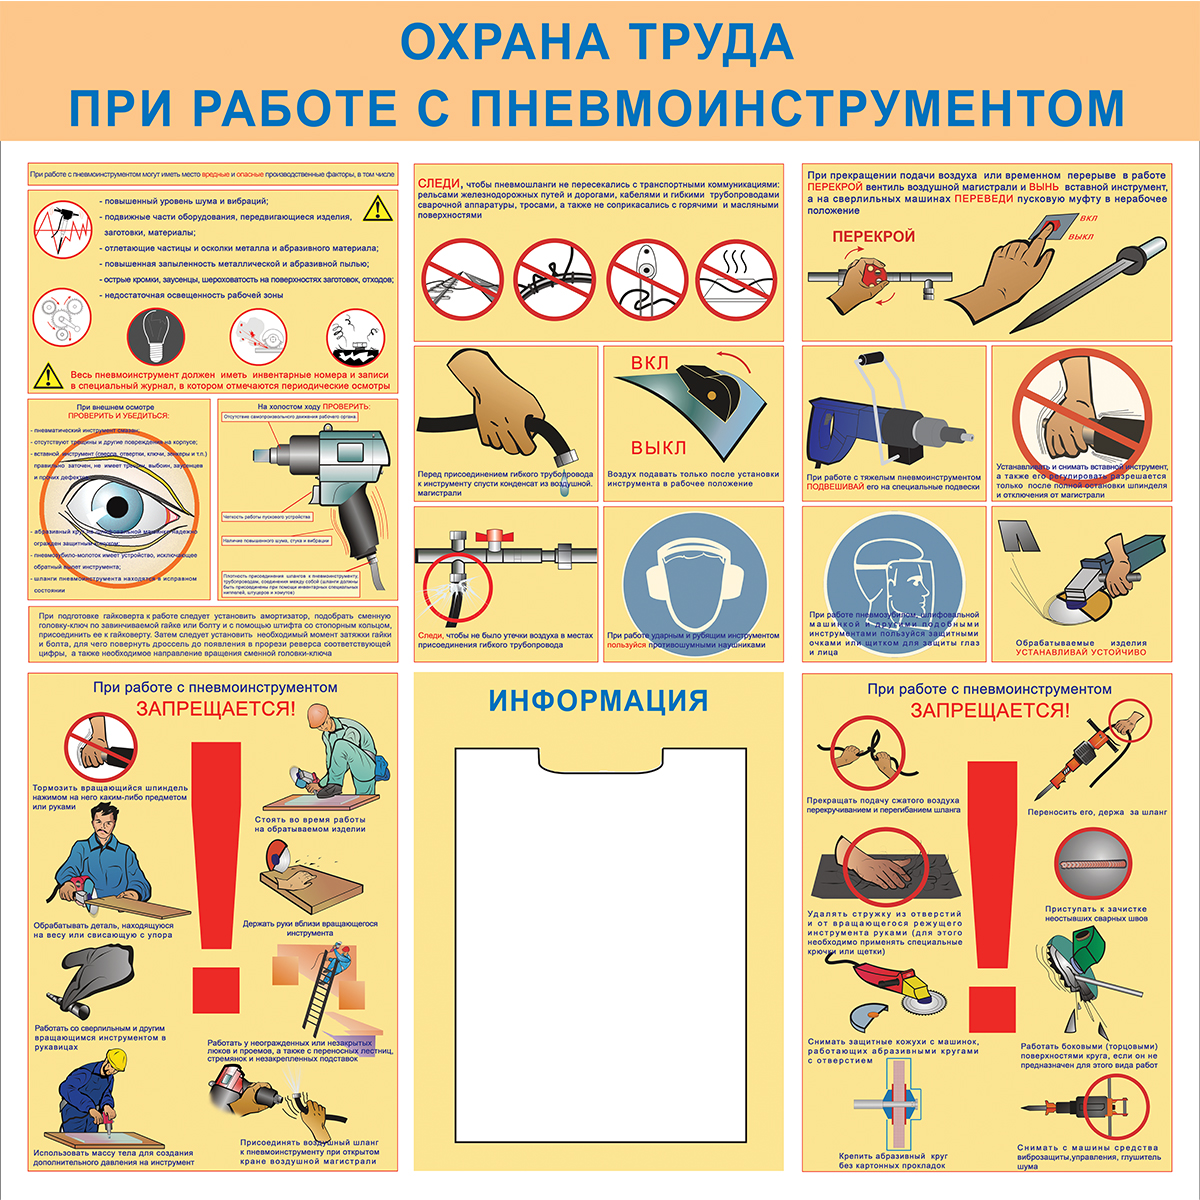 Охрана труда при работе с пневмоинструментом  1000х1000 мм,  1 карман А4